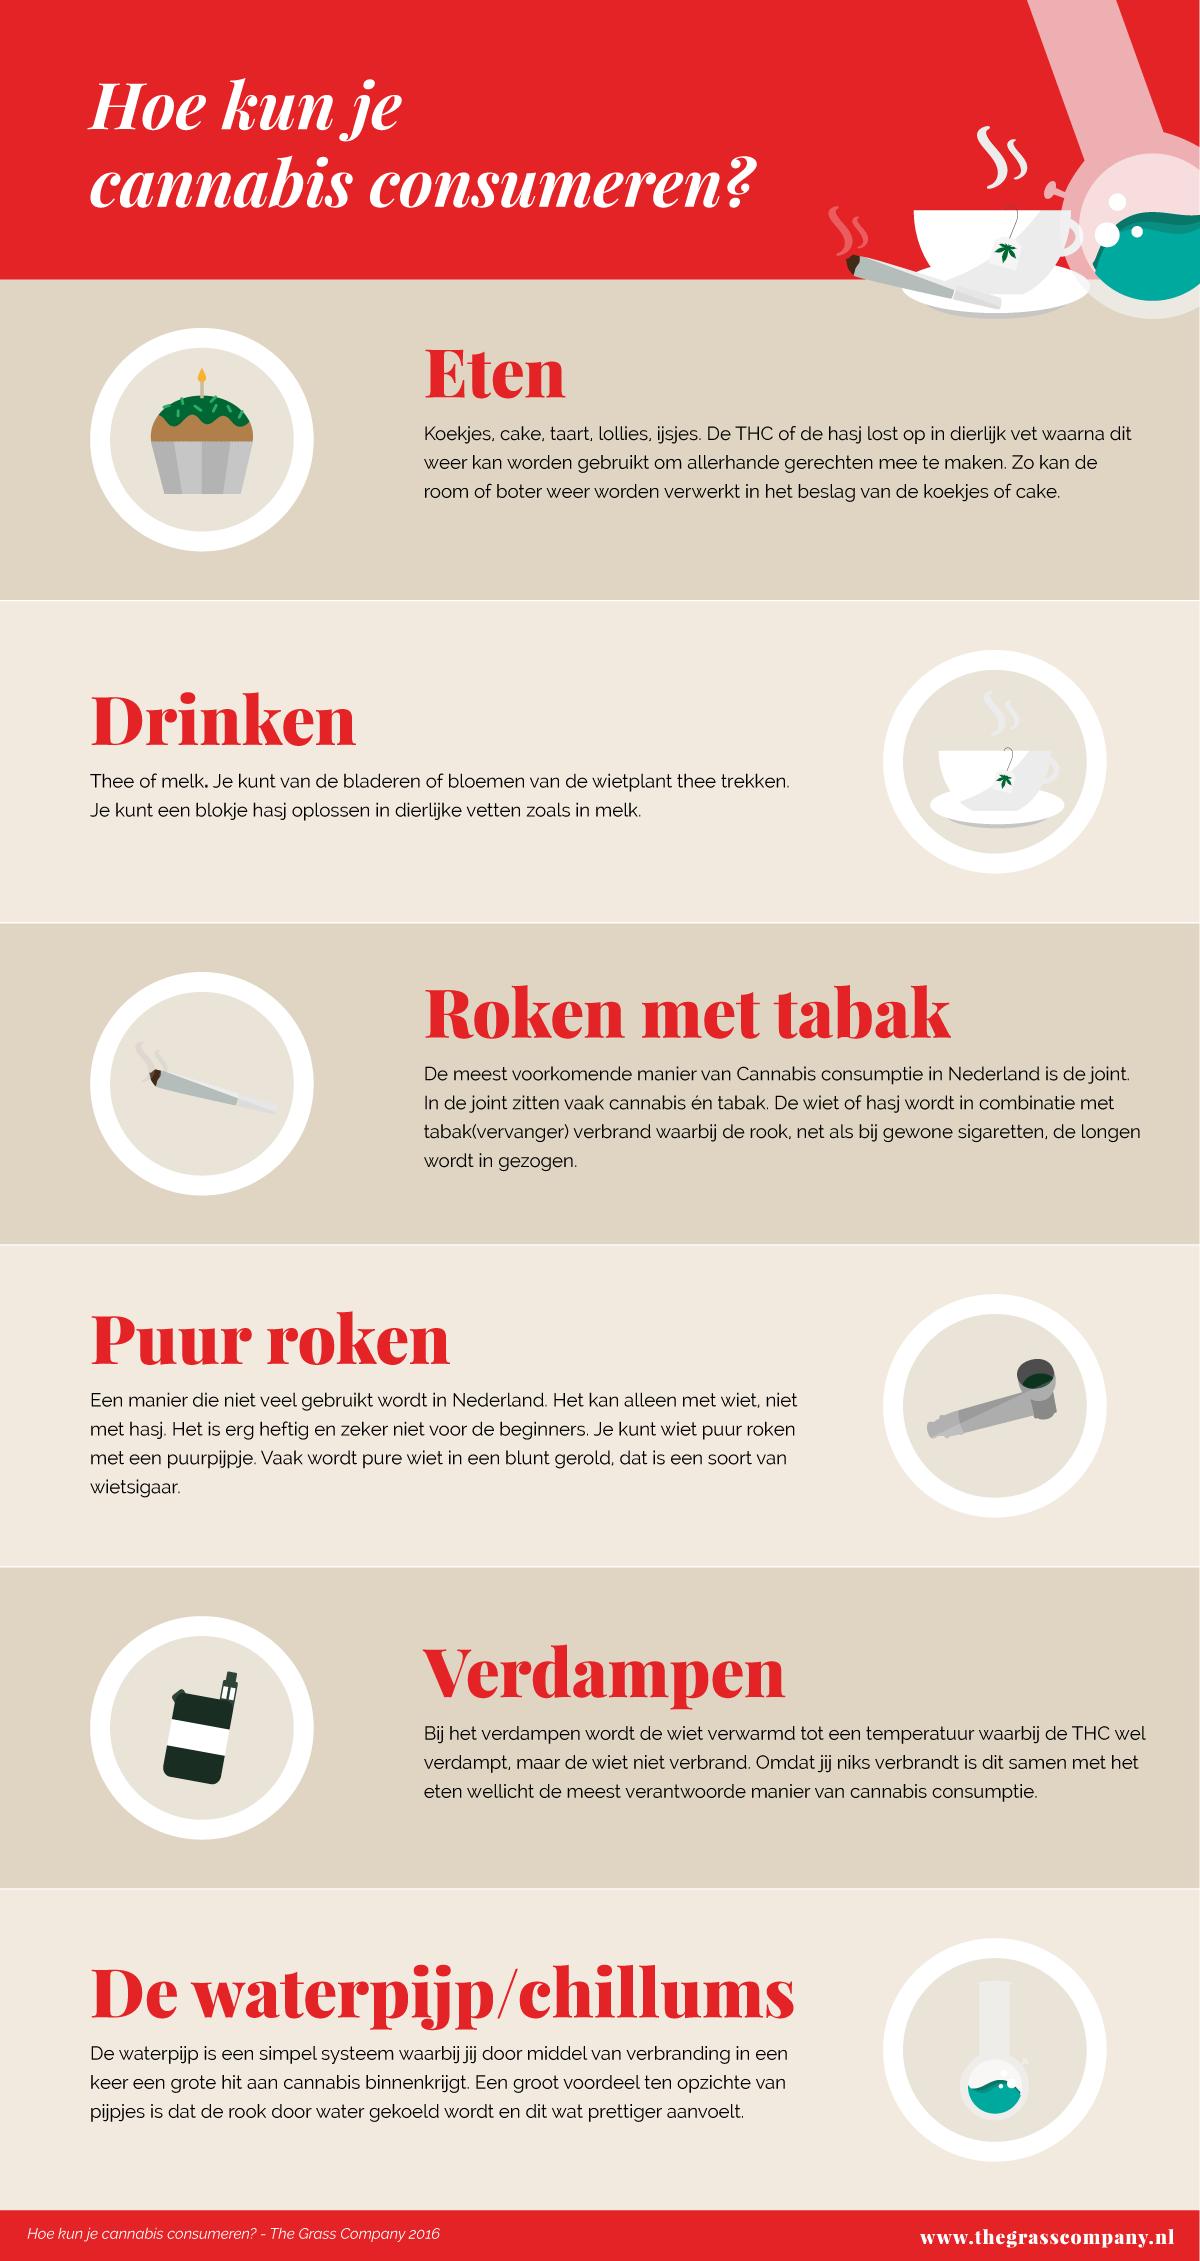 foto de 5 manieren voor cannabisconsumptie (zonder dat je een joint draait ...